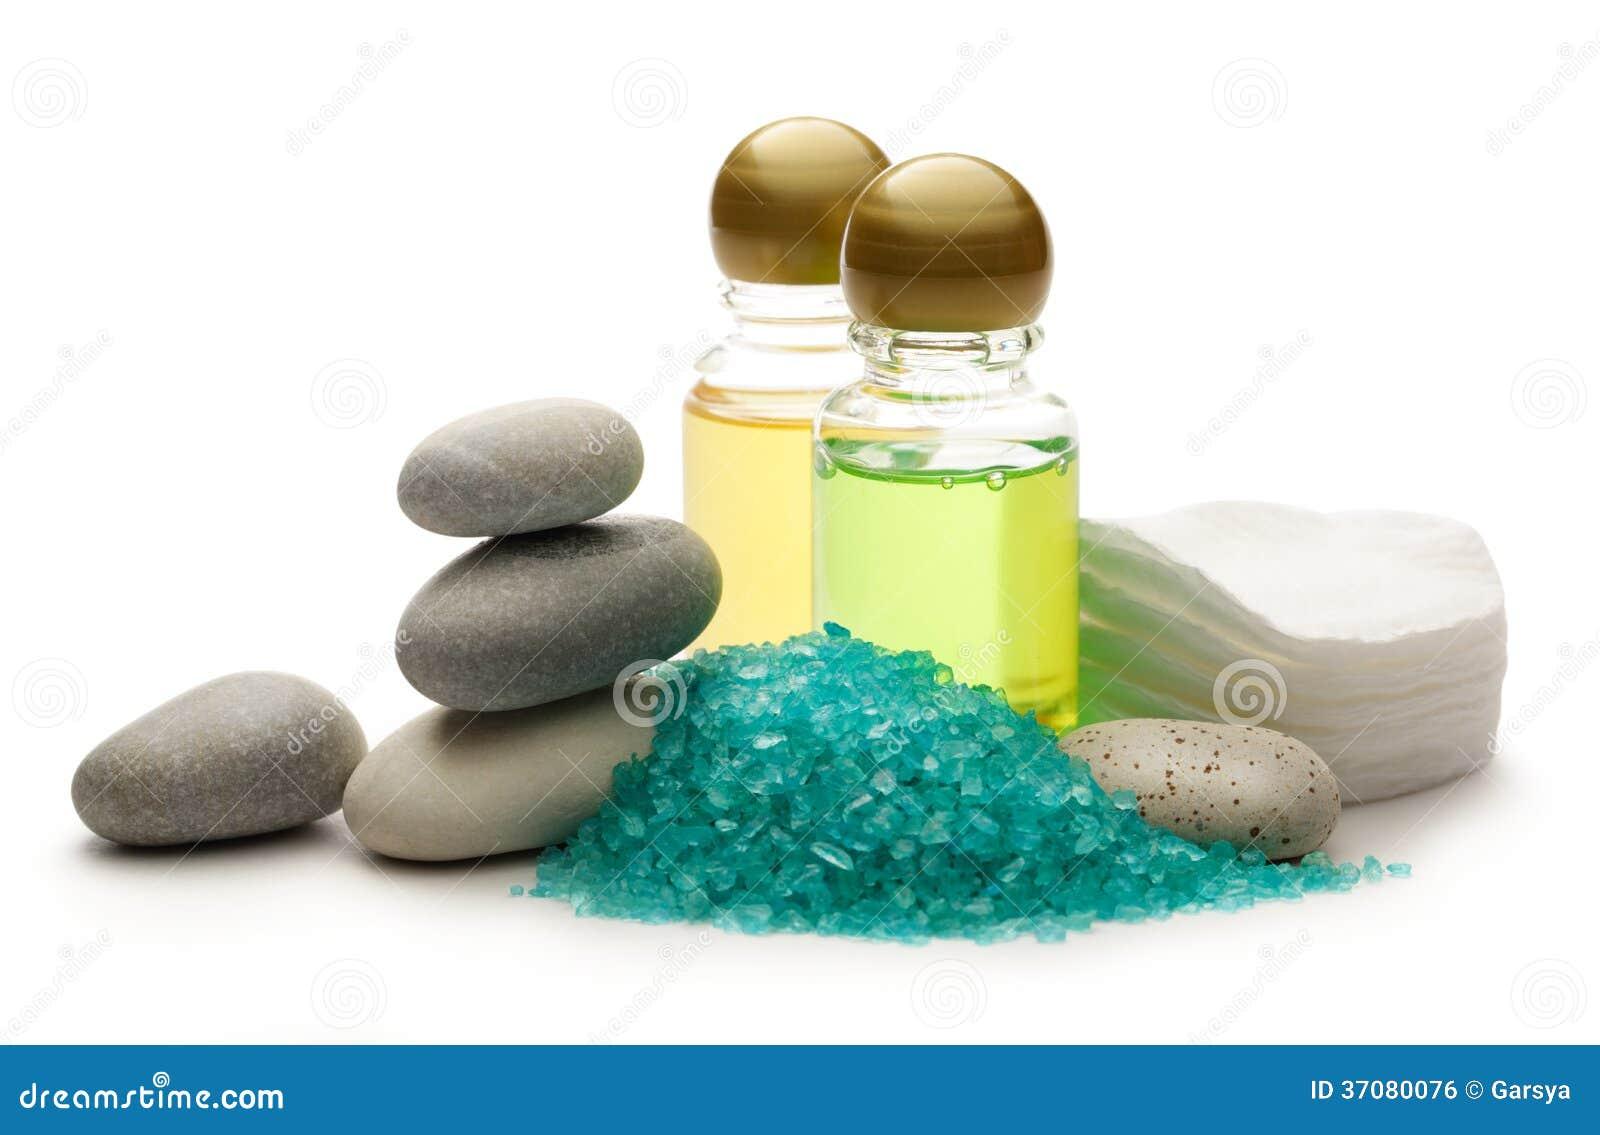 Download Kamienie, Morze Sól I Szampon, Zdjęcie Stock - Obraz złożonej z świeży, butelka: 37080076